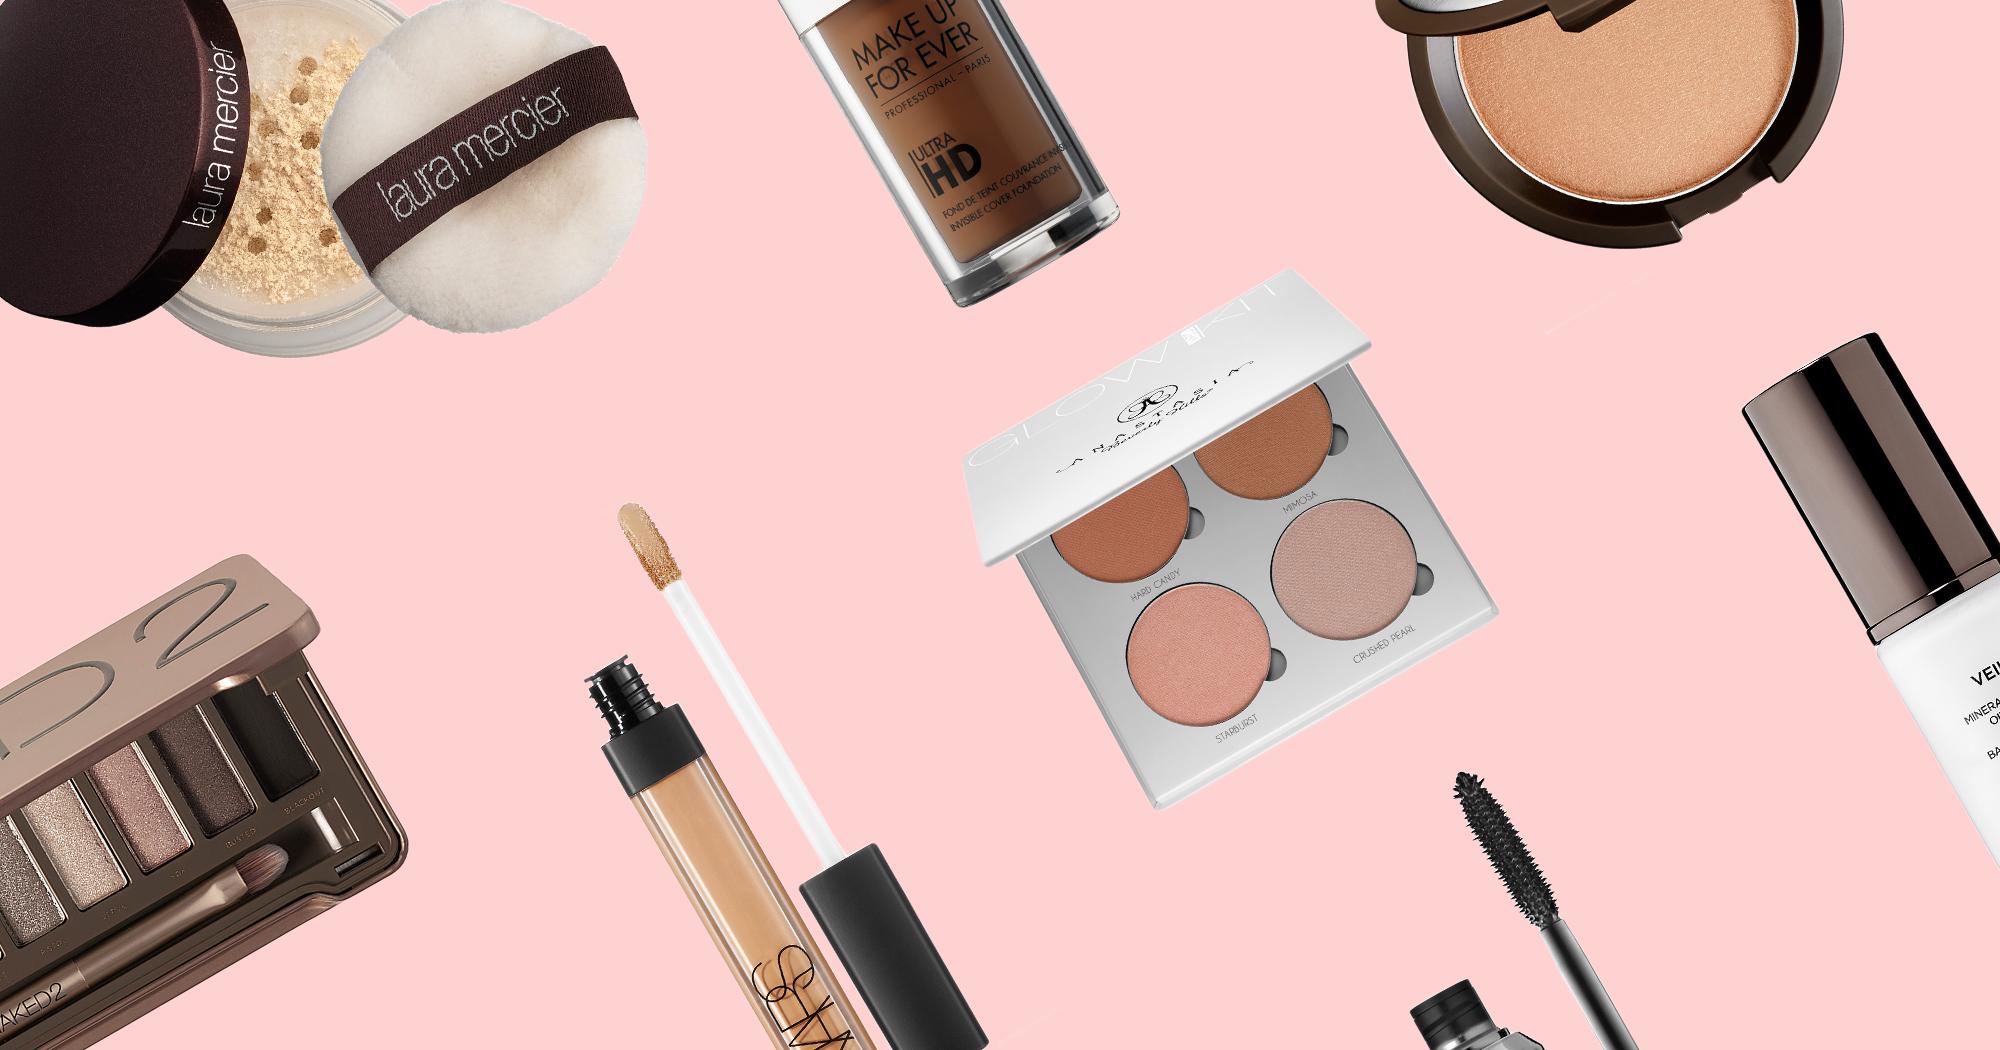 Sephora Makeup Bag Essentials Product Guide